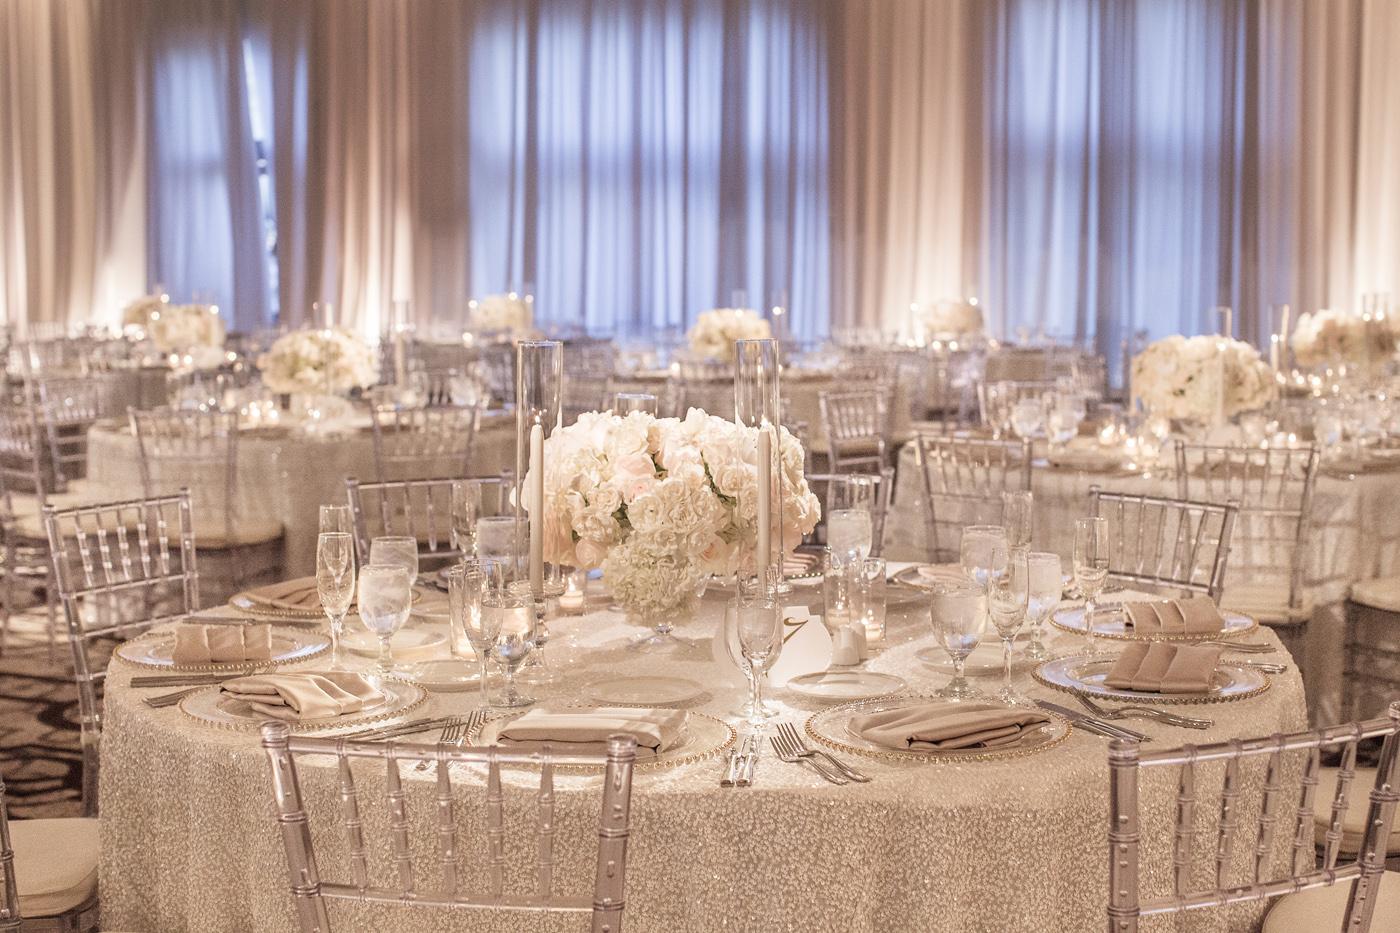 098_DukePhotography_DukeImages_Wedding_Details.jpg